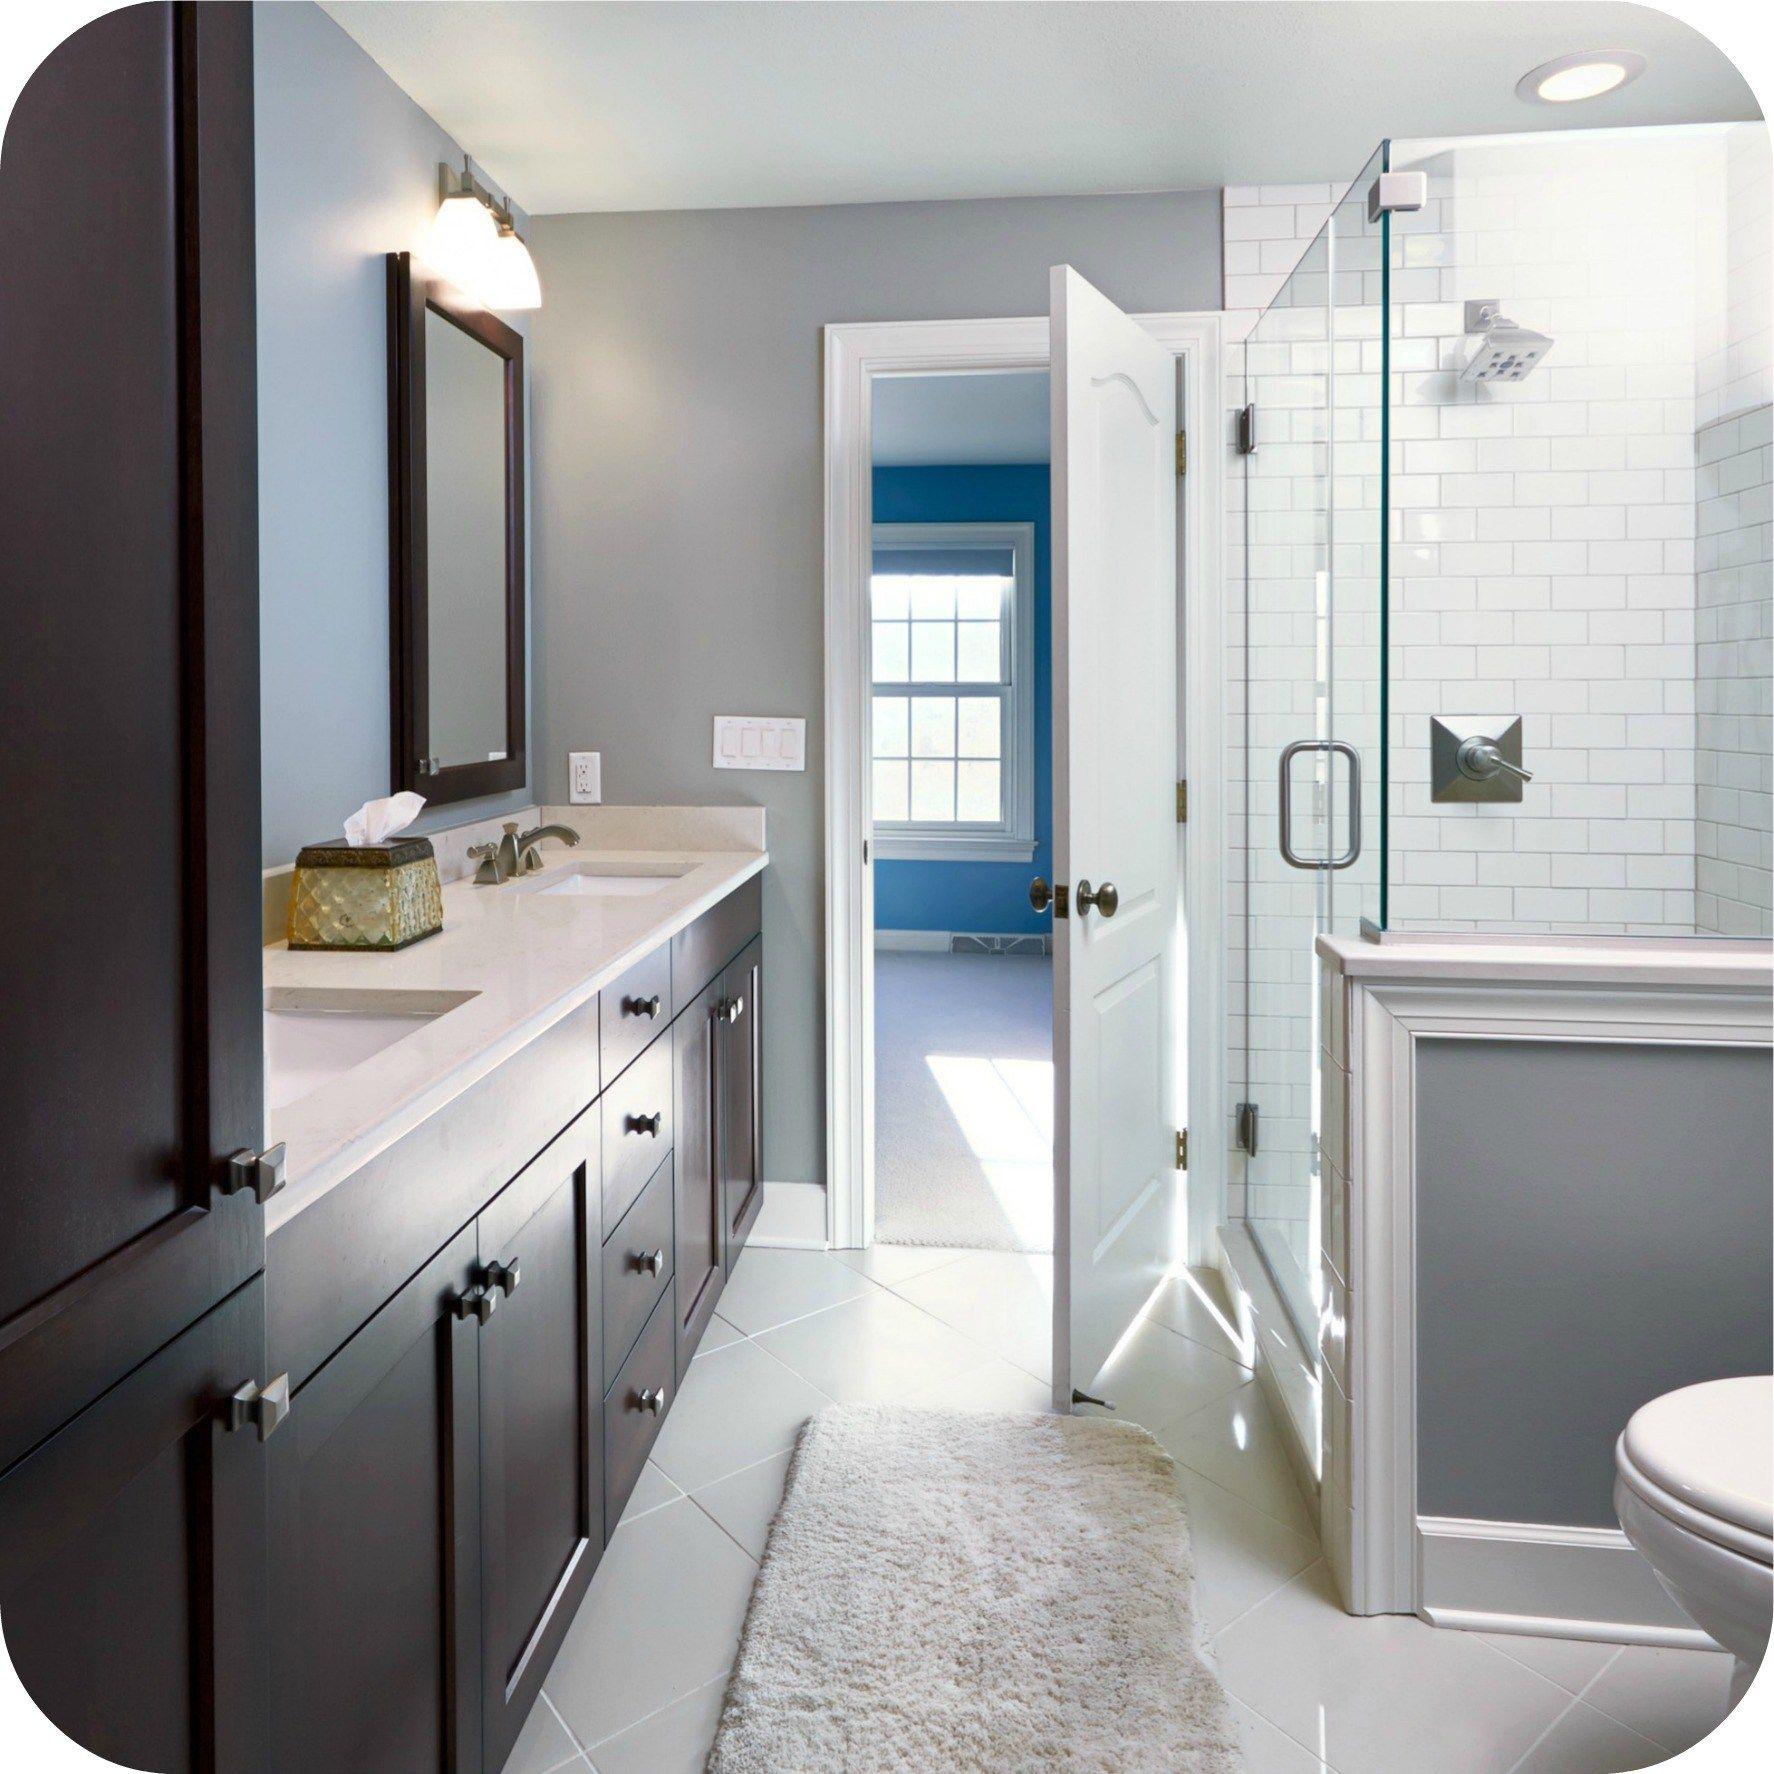 bathroom remodel ideas what39s hot in 2015 in Simple Bathroom ...